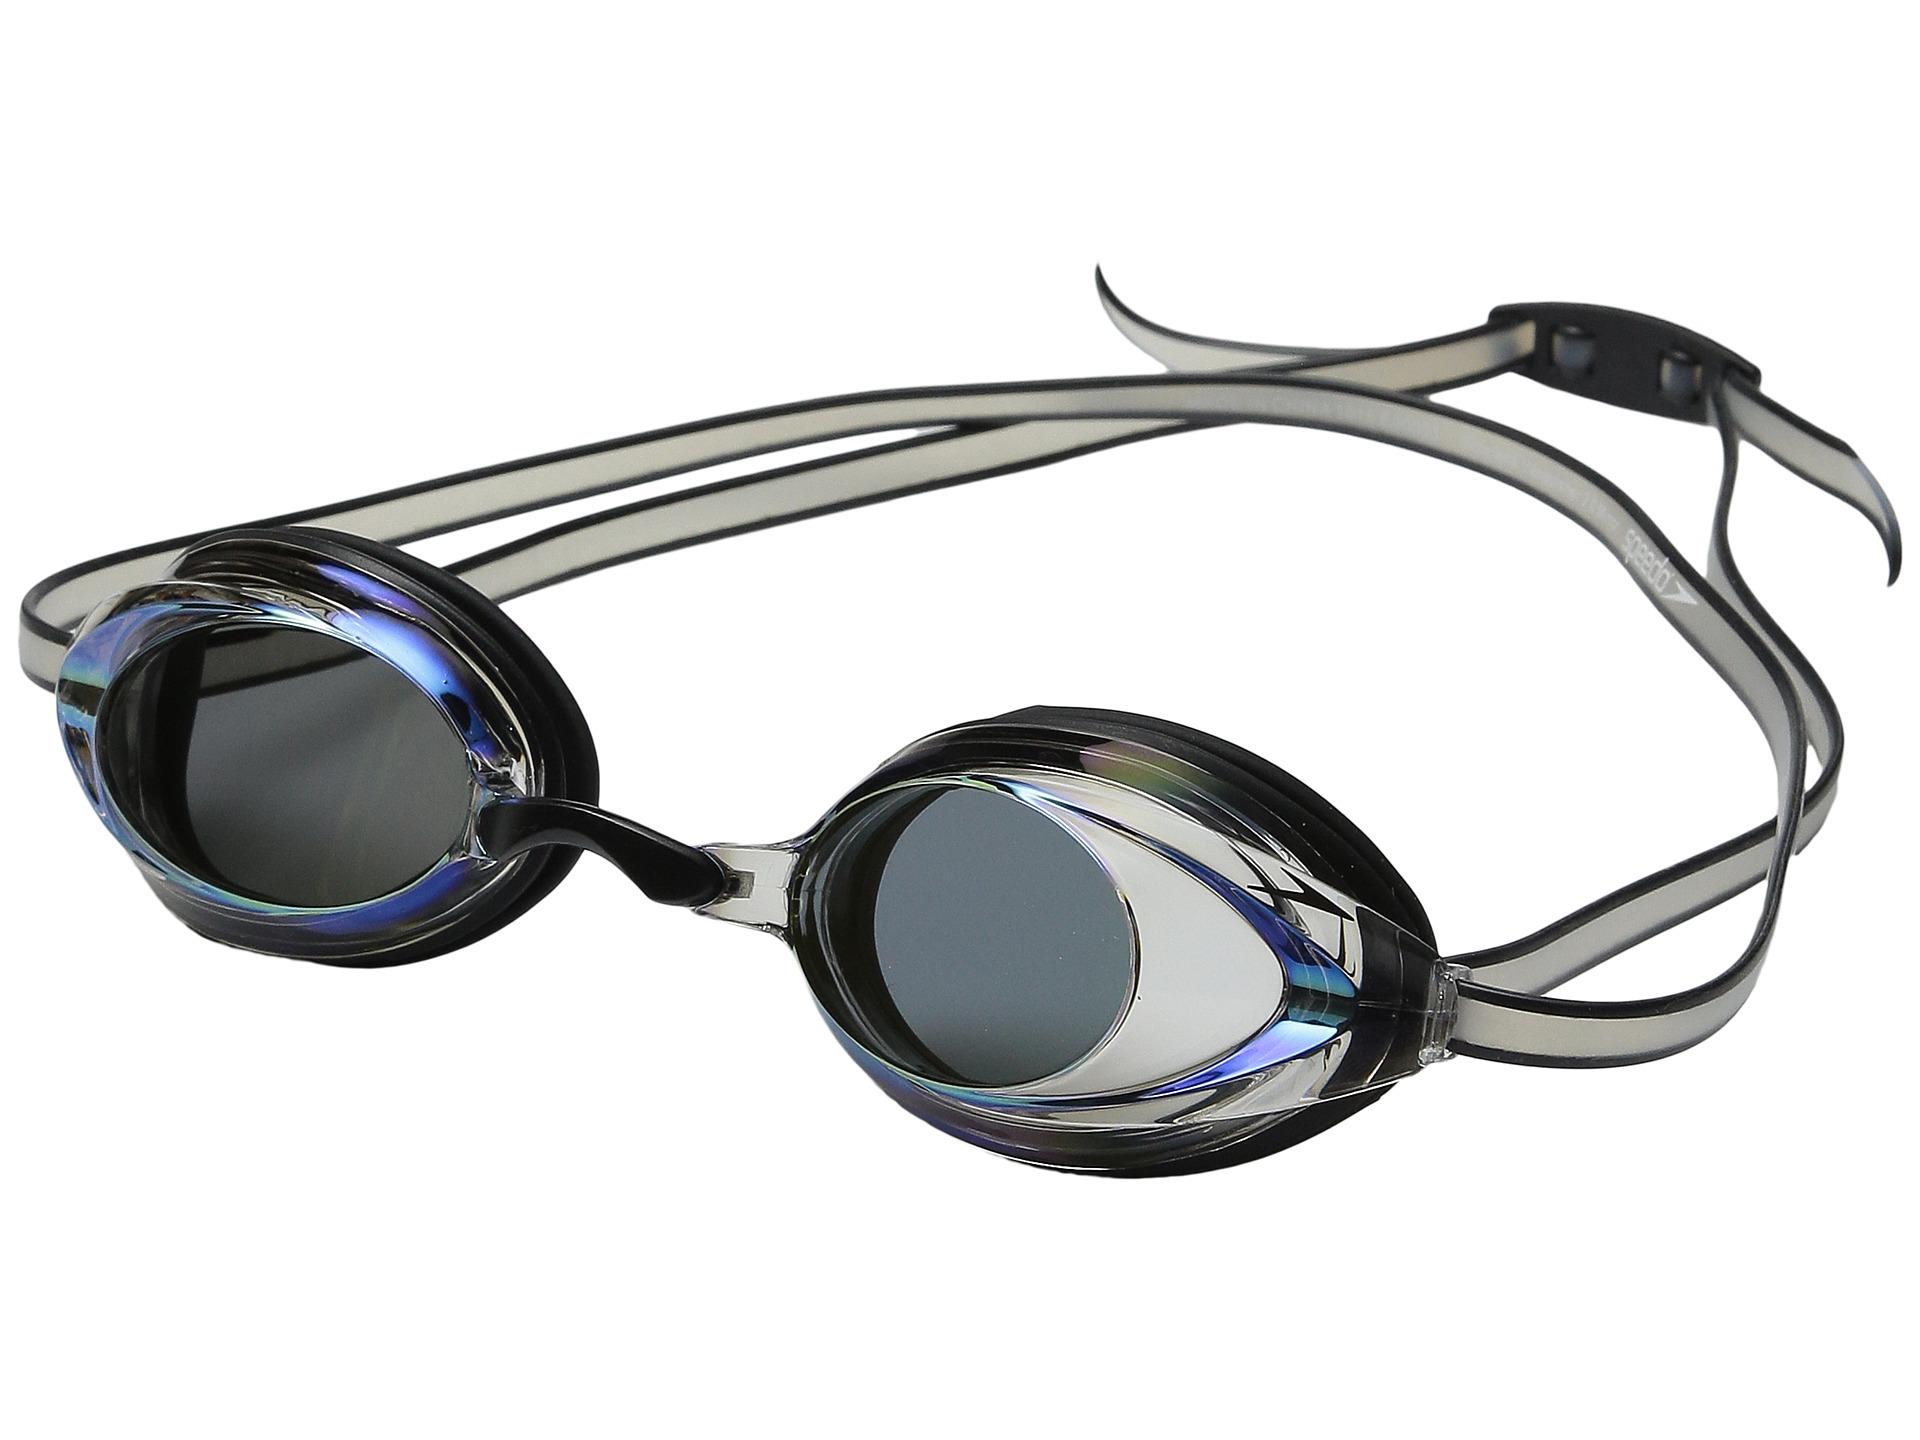 speedo vanquisher 2.0 goggles review